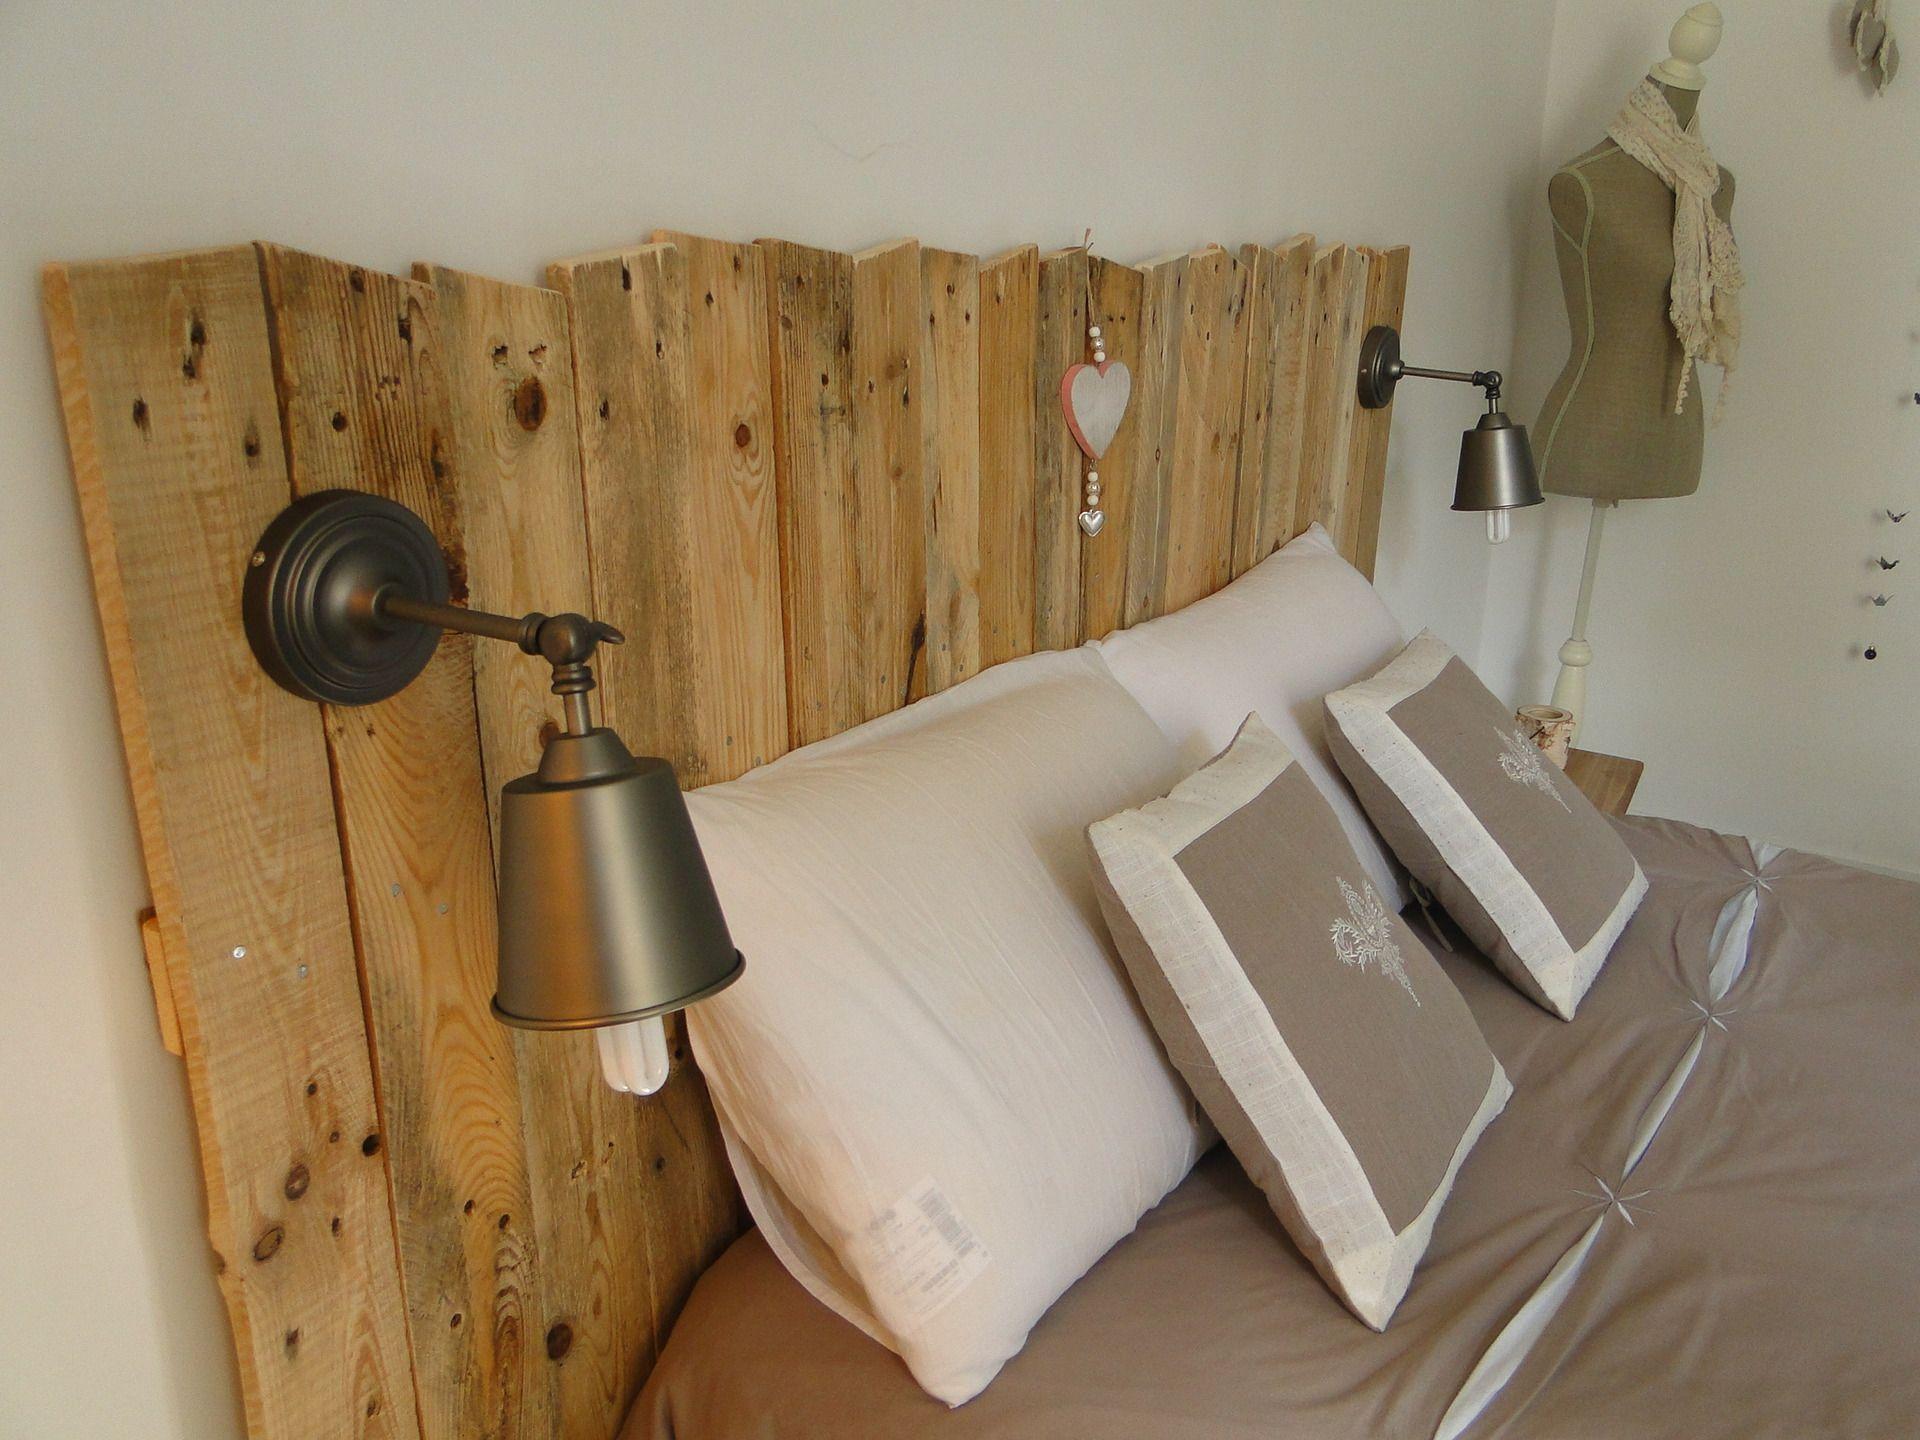 tete de lit en bois avec luminaires